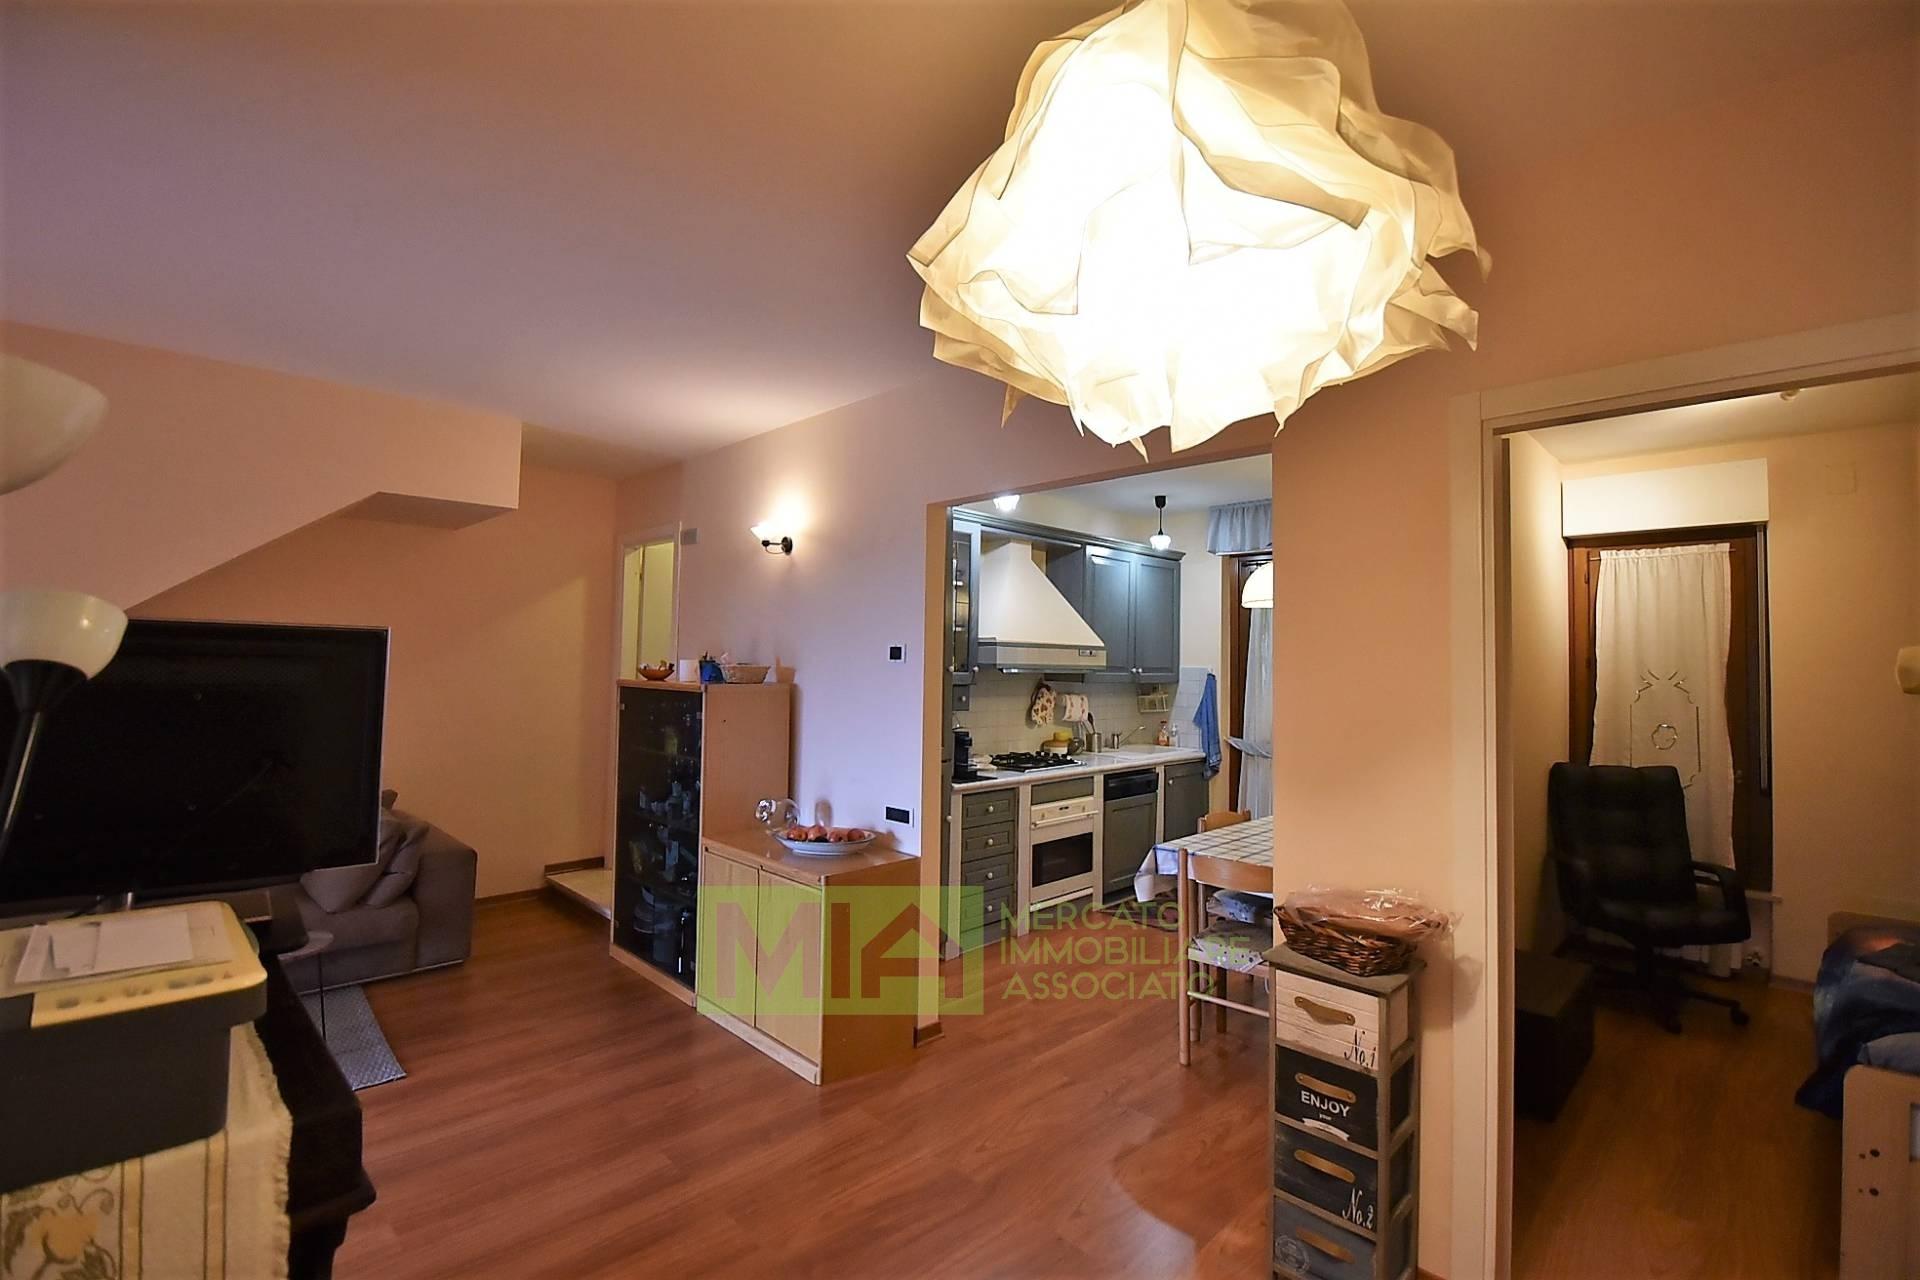 Appartamento in vendita a Sarnano, 5 locali, prezzo € 85.000 | PortaleAgenzieImmobiliari.it